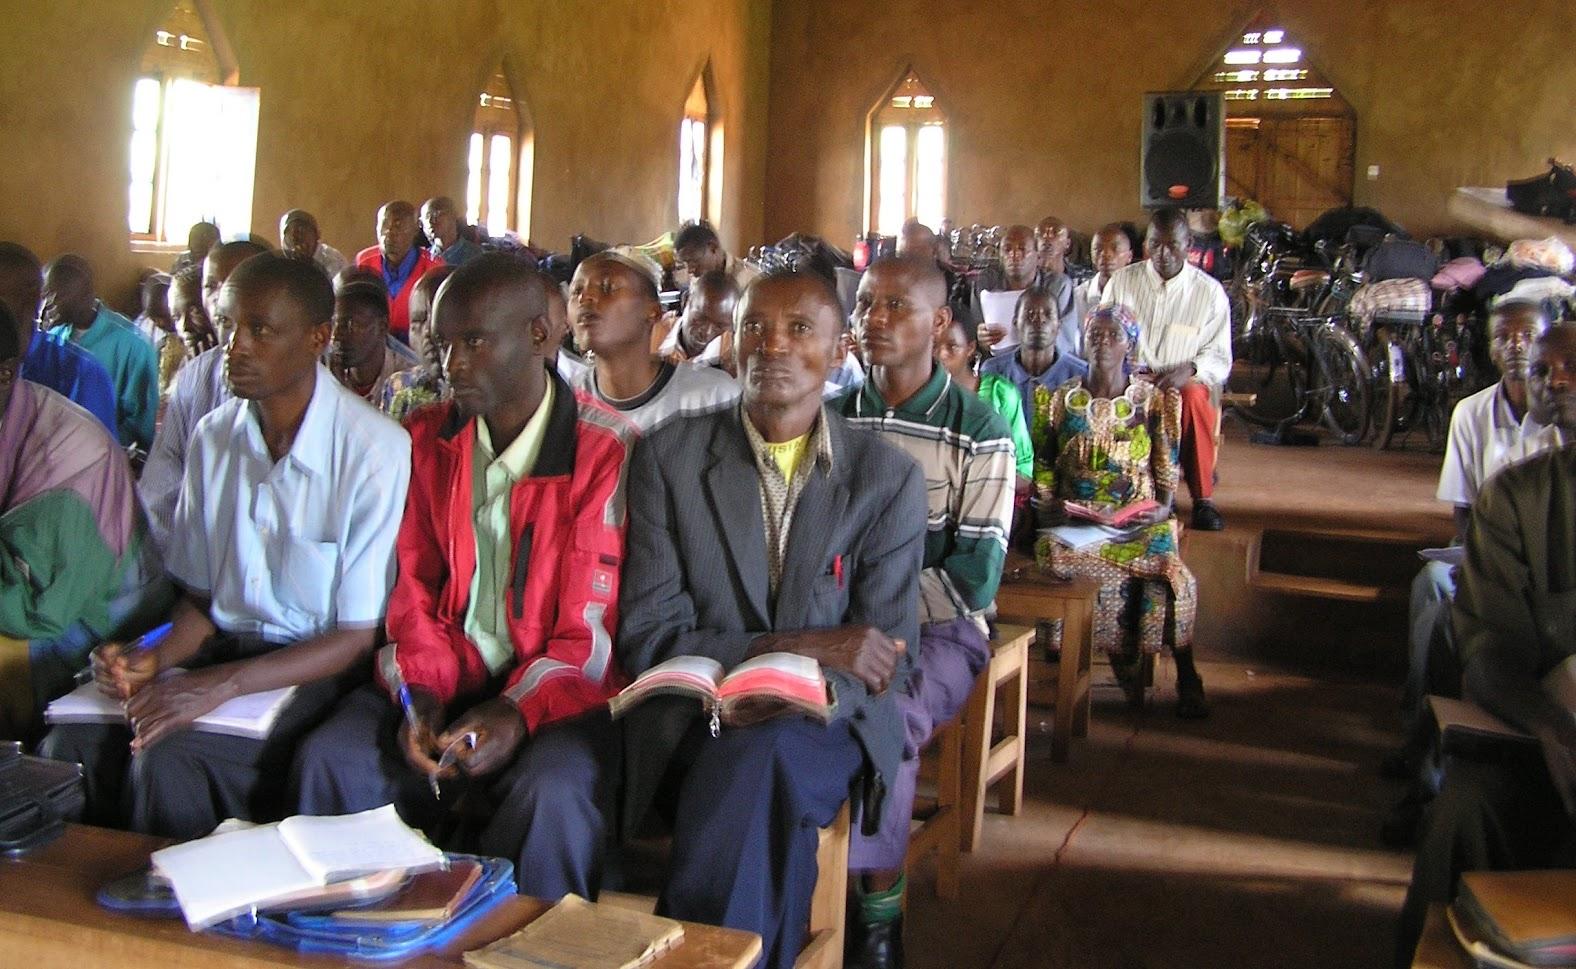 Pastors in a tutorial